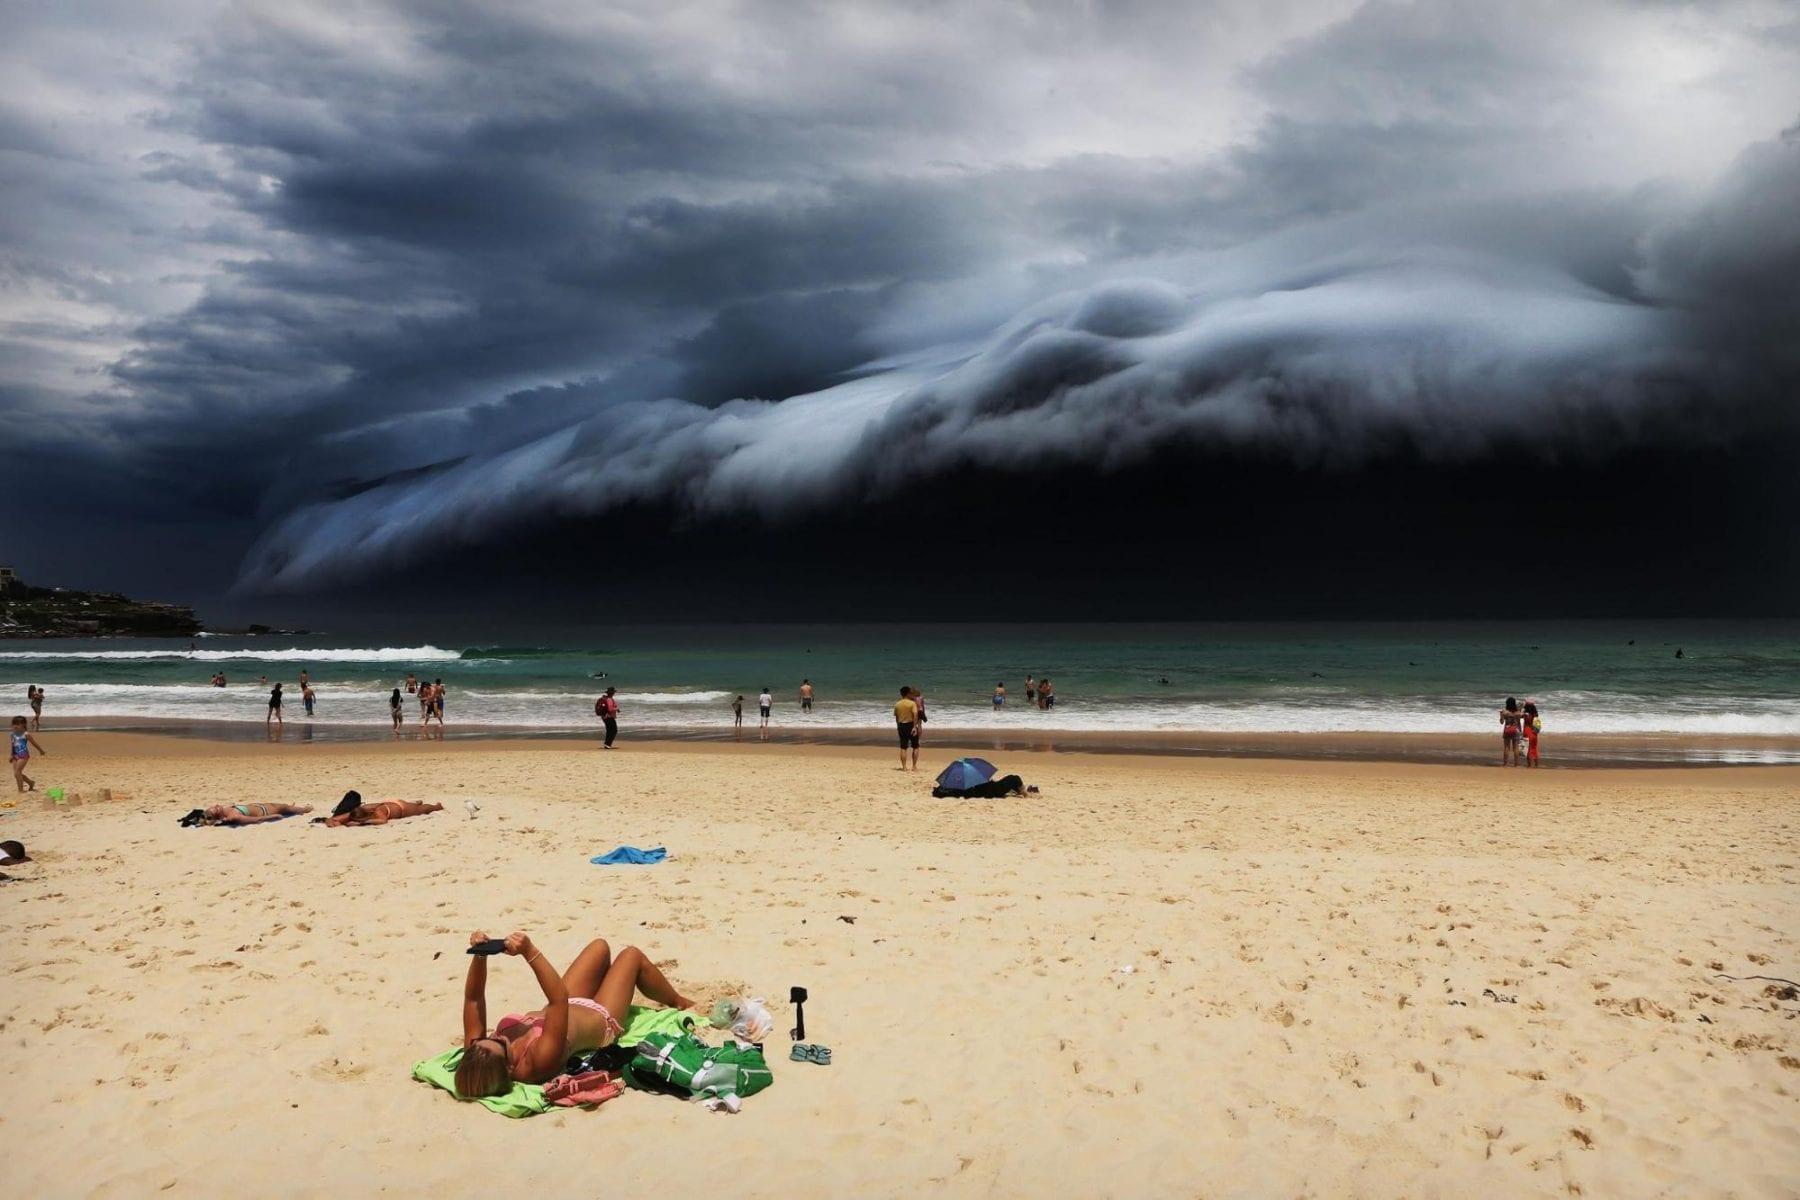 Image emblématique et célèbre de l'Australie par le photographe Rohan Kelly